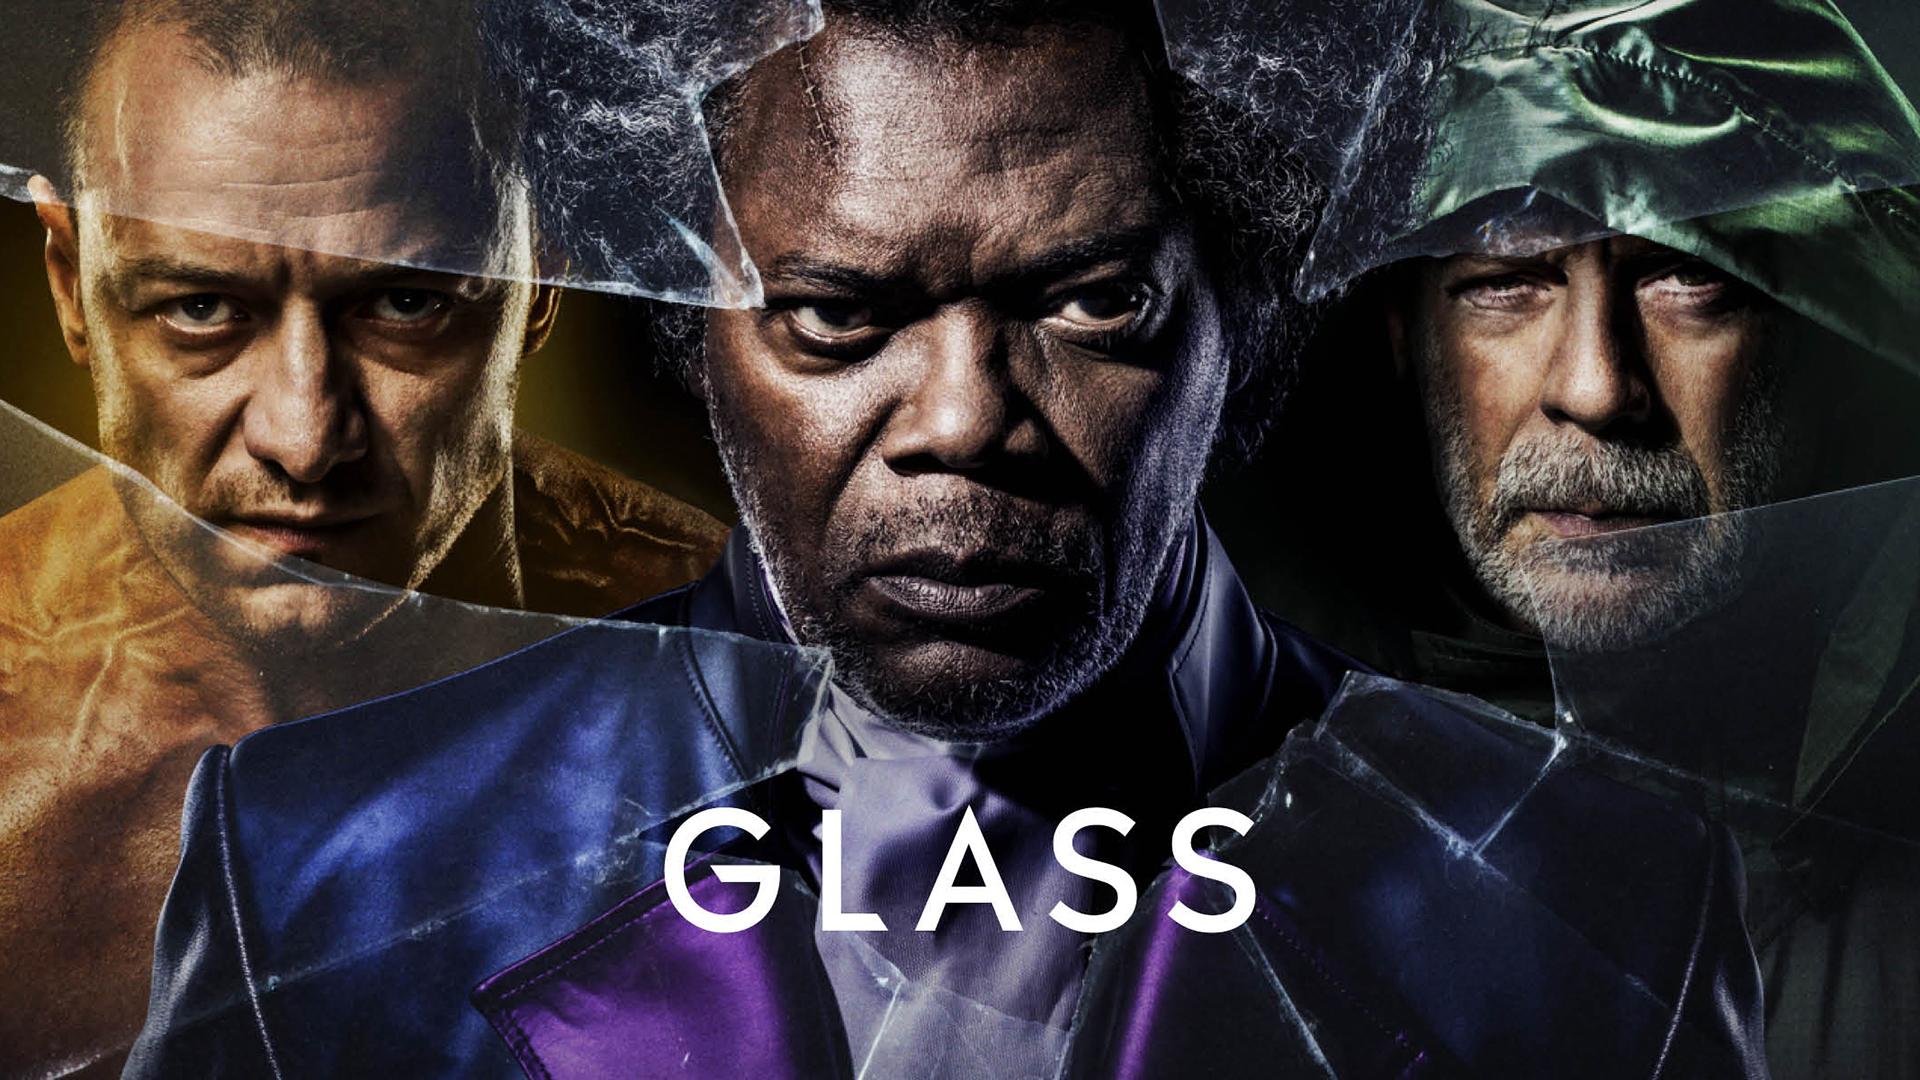 Glass_clean_1080-crop.jpg